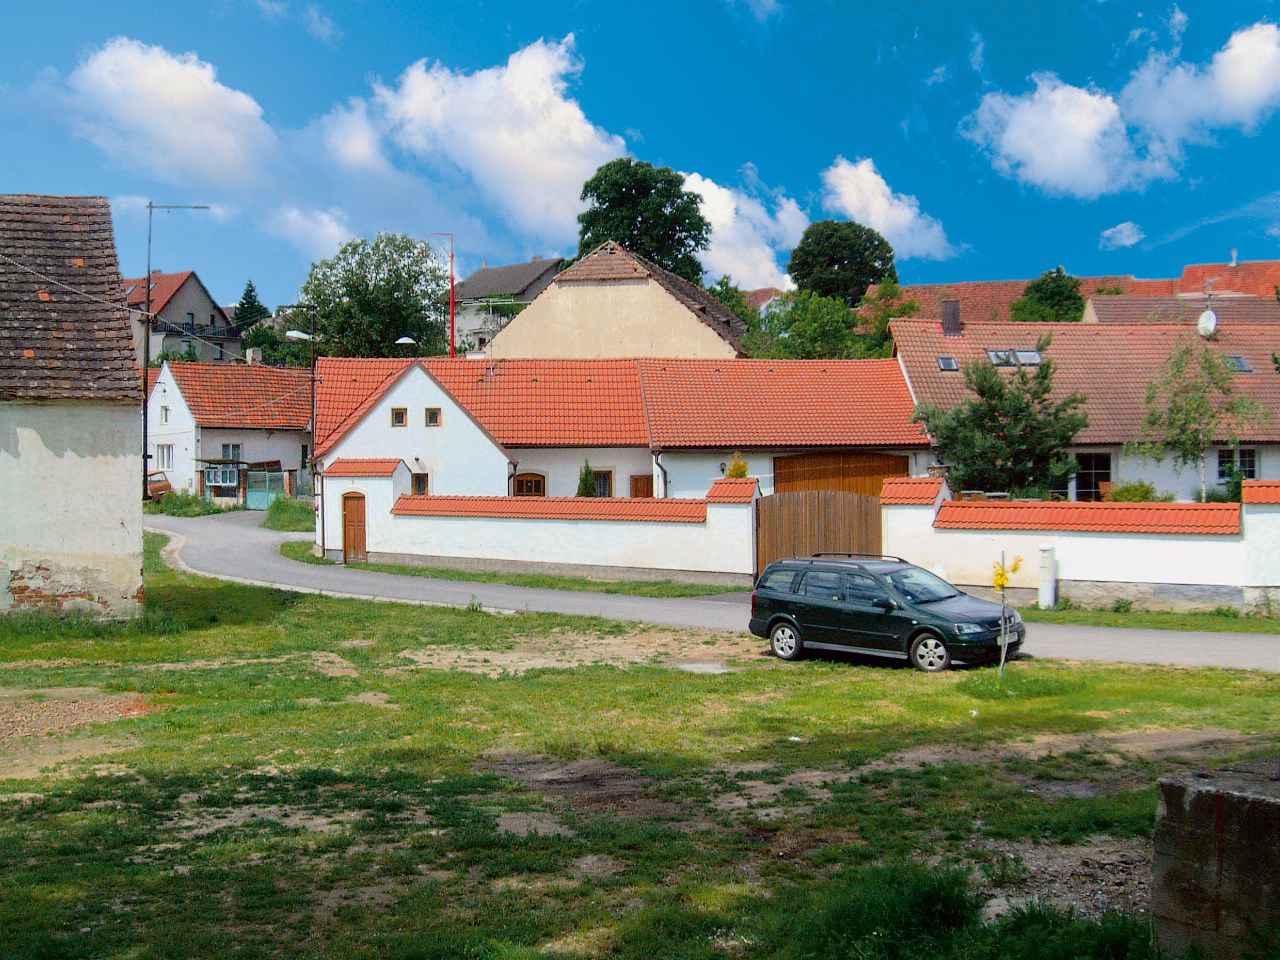 Ferienhaus mit Geschirrspüler   Tschechische Republik